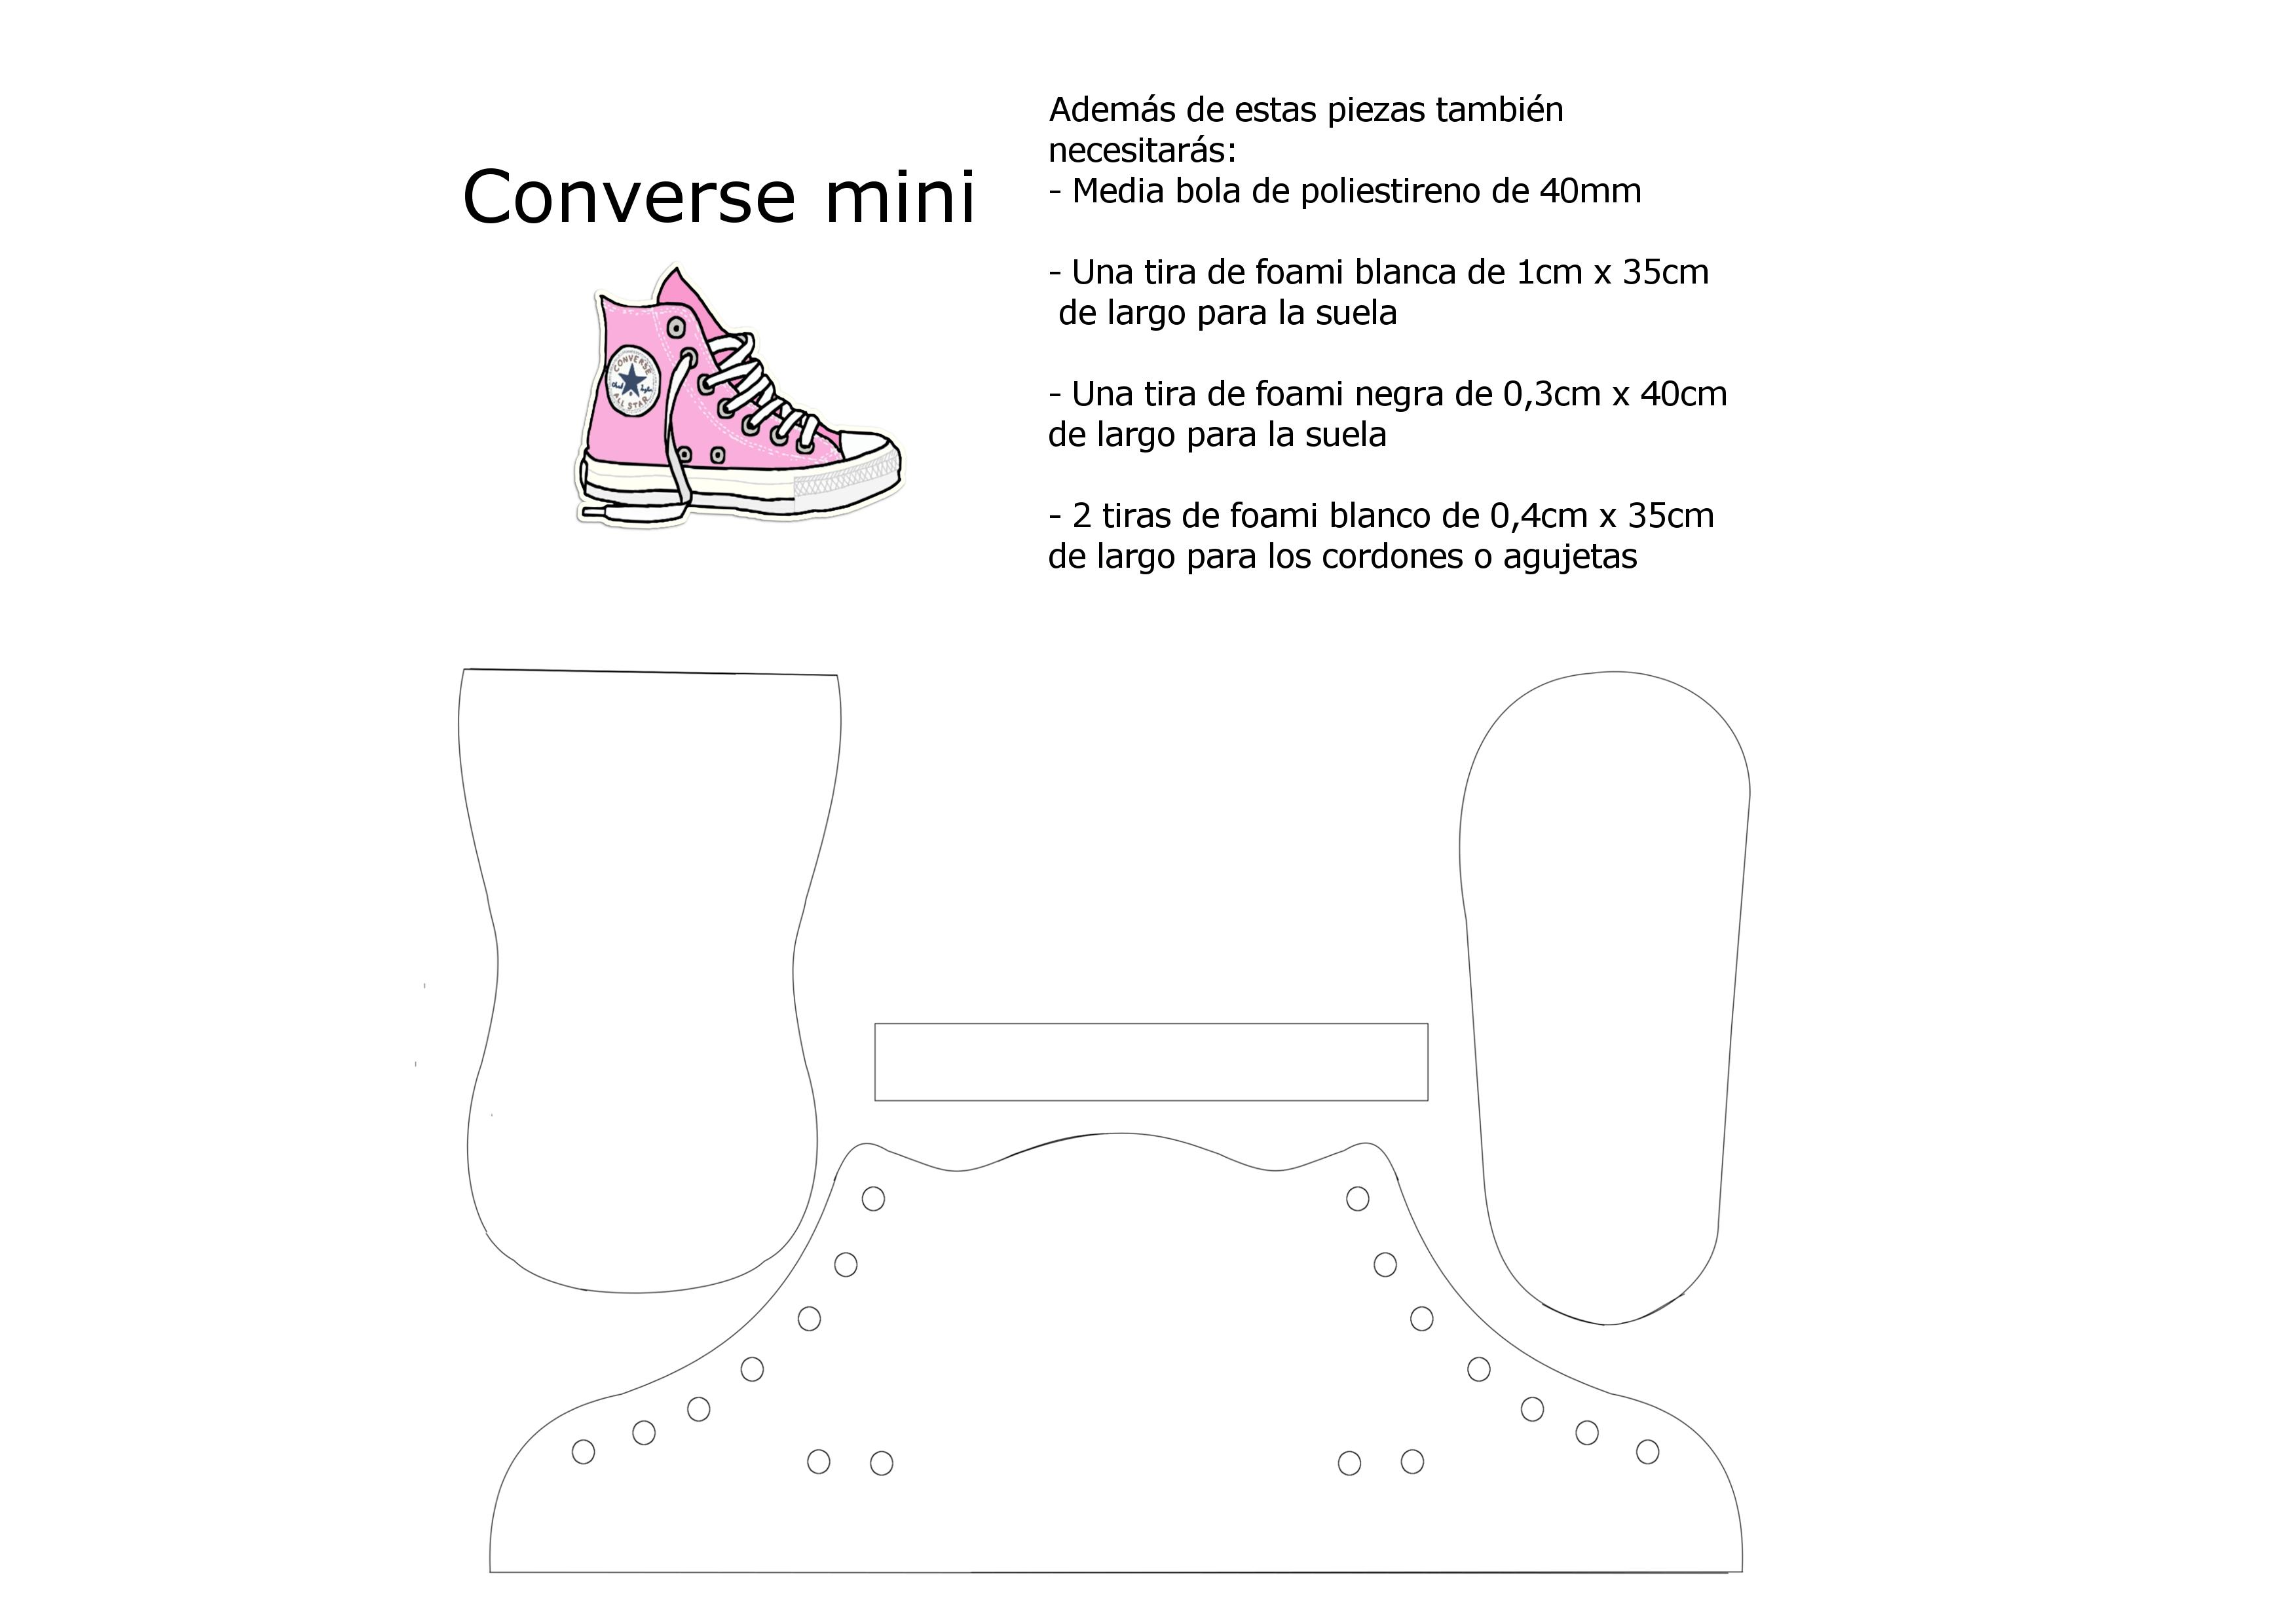 Plantillas zapatillas converse - Plantillas pared ...